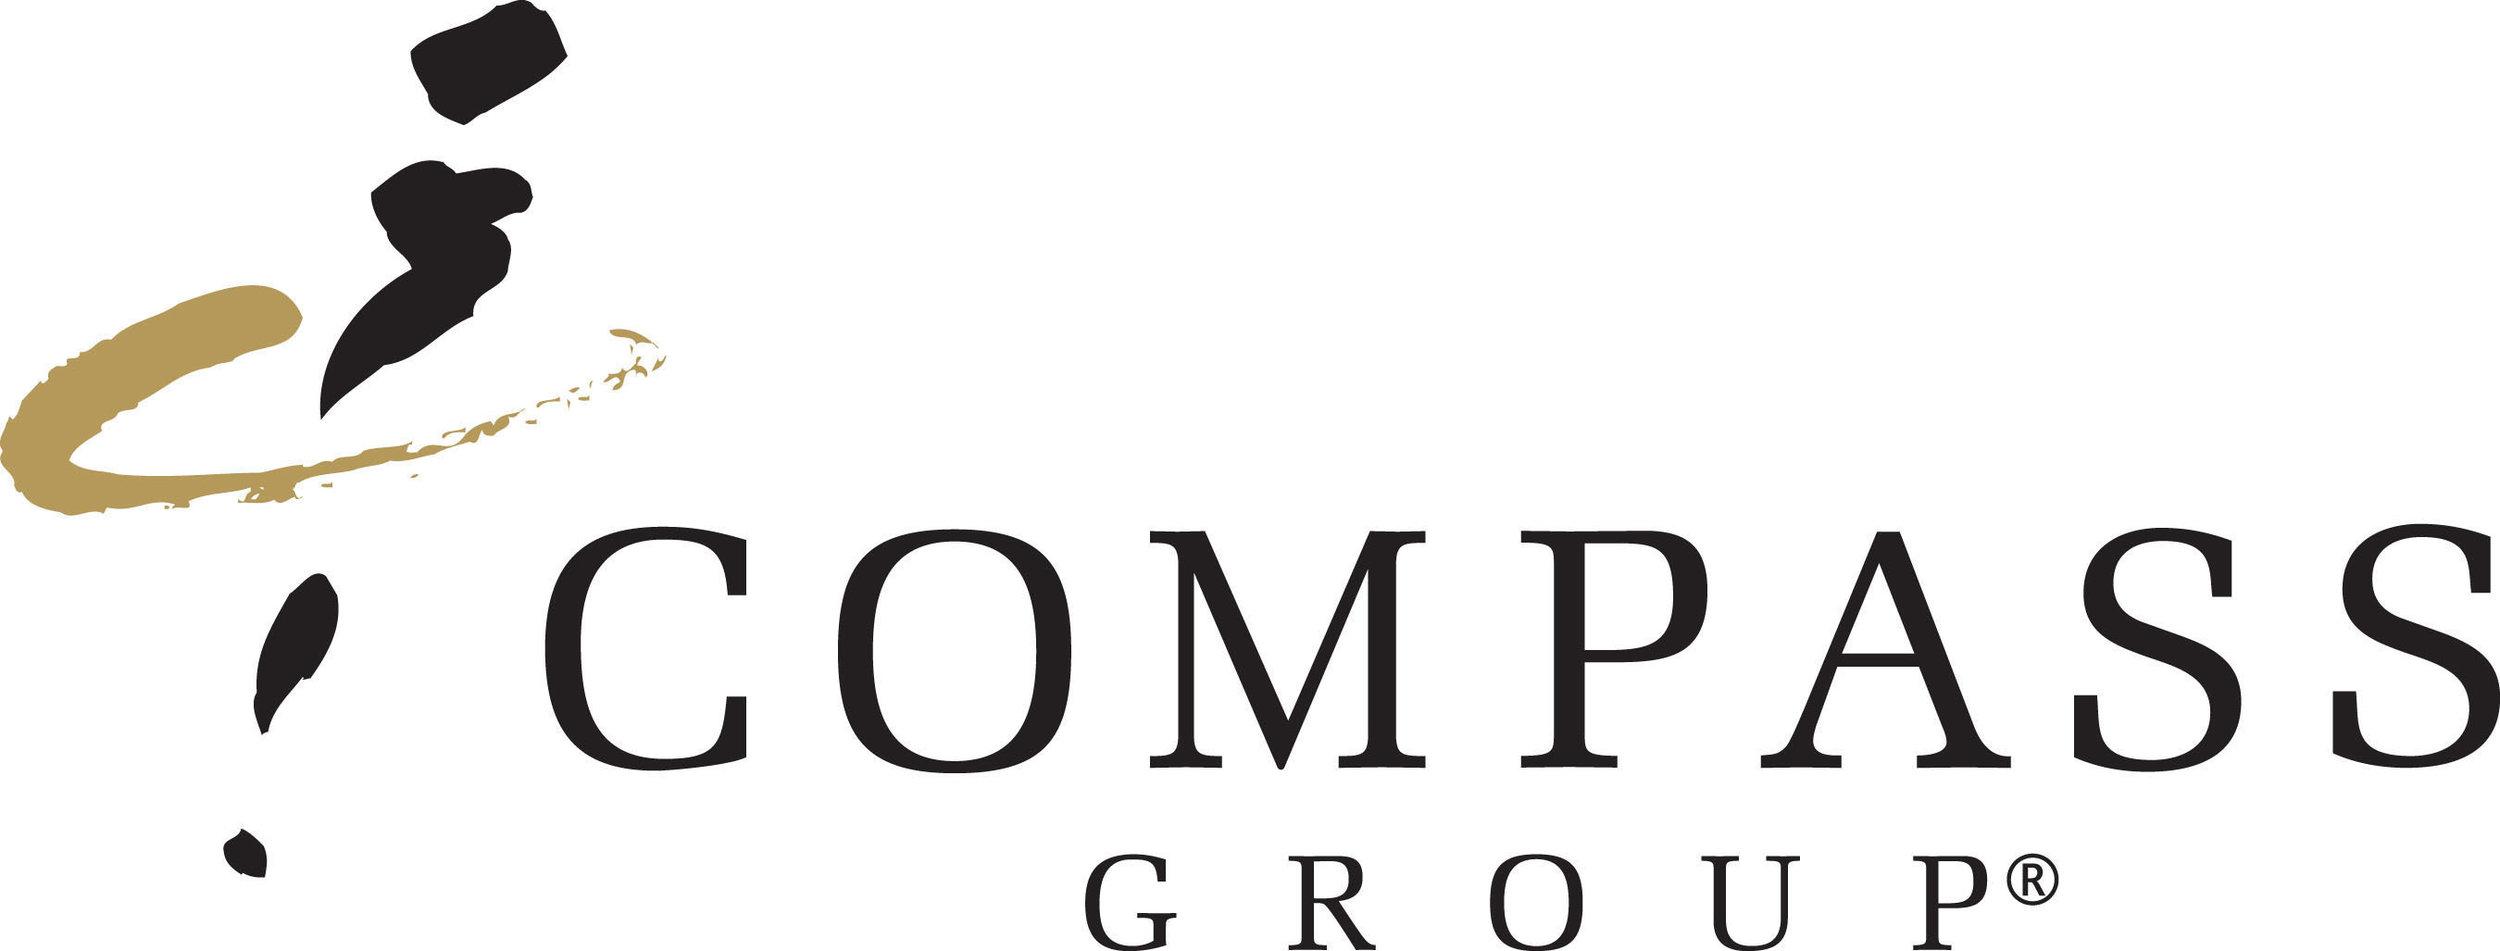 Compass-Group-logo.jpg